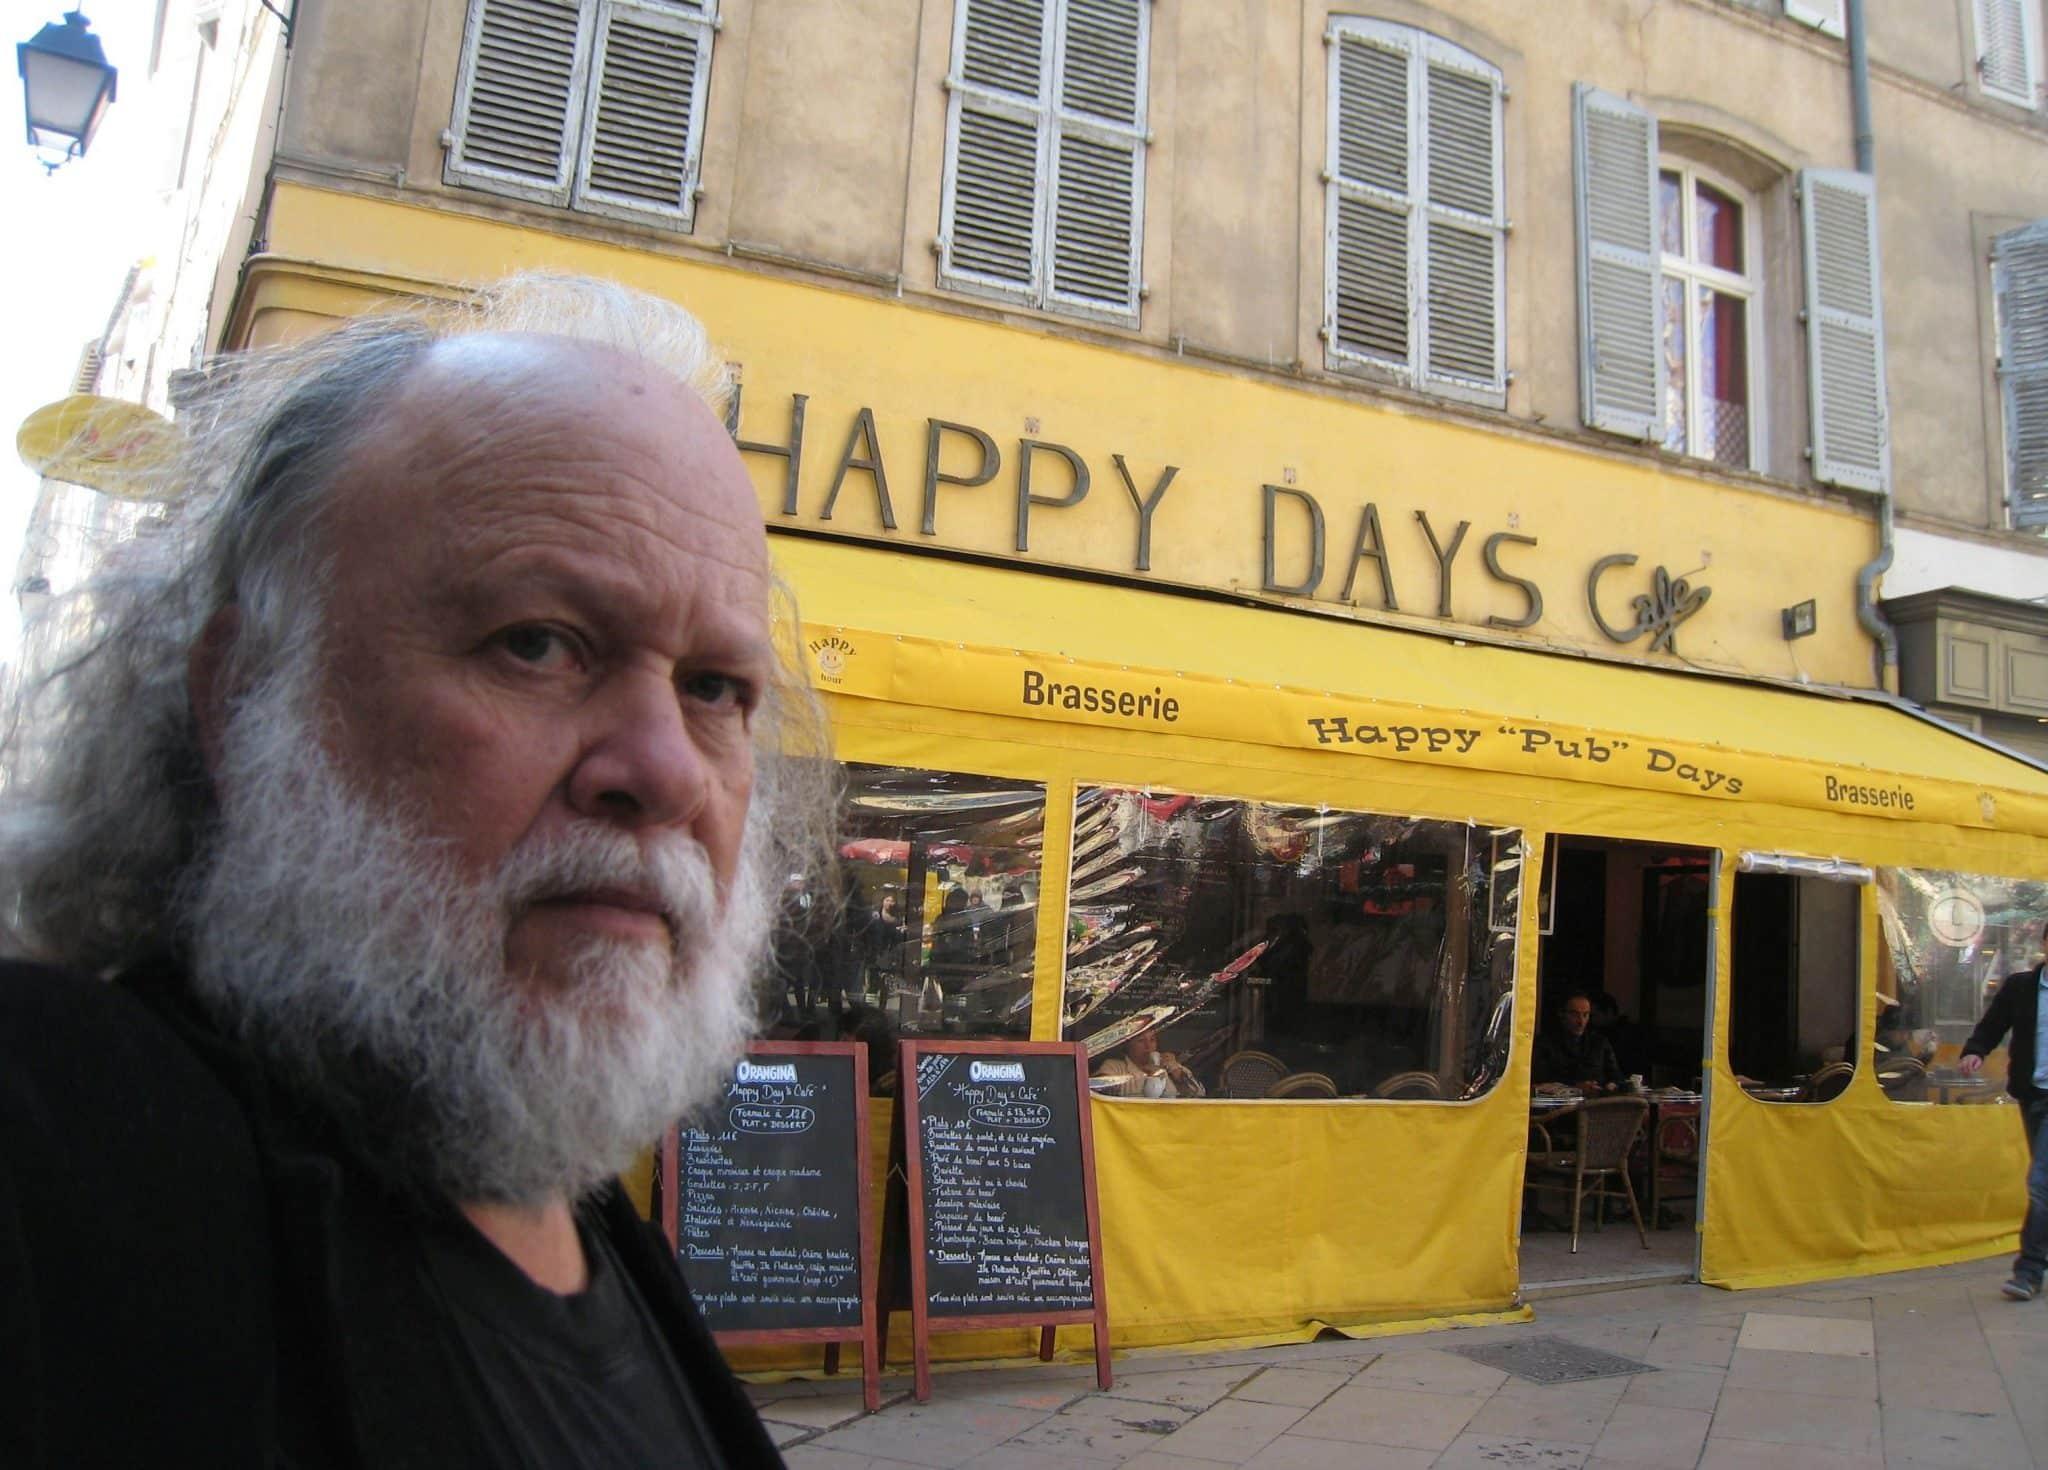 בית הקפה הפינתי בכיכר השוק הקטן שינה בעלים ושם אבל זה לא השינוי היחיד בעיר